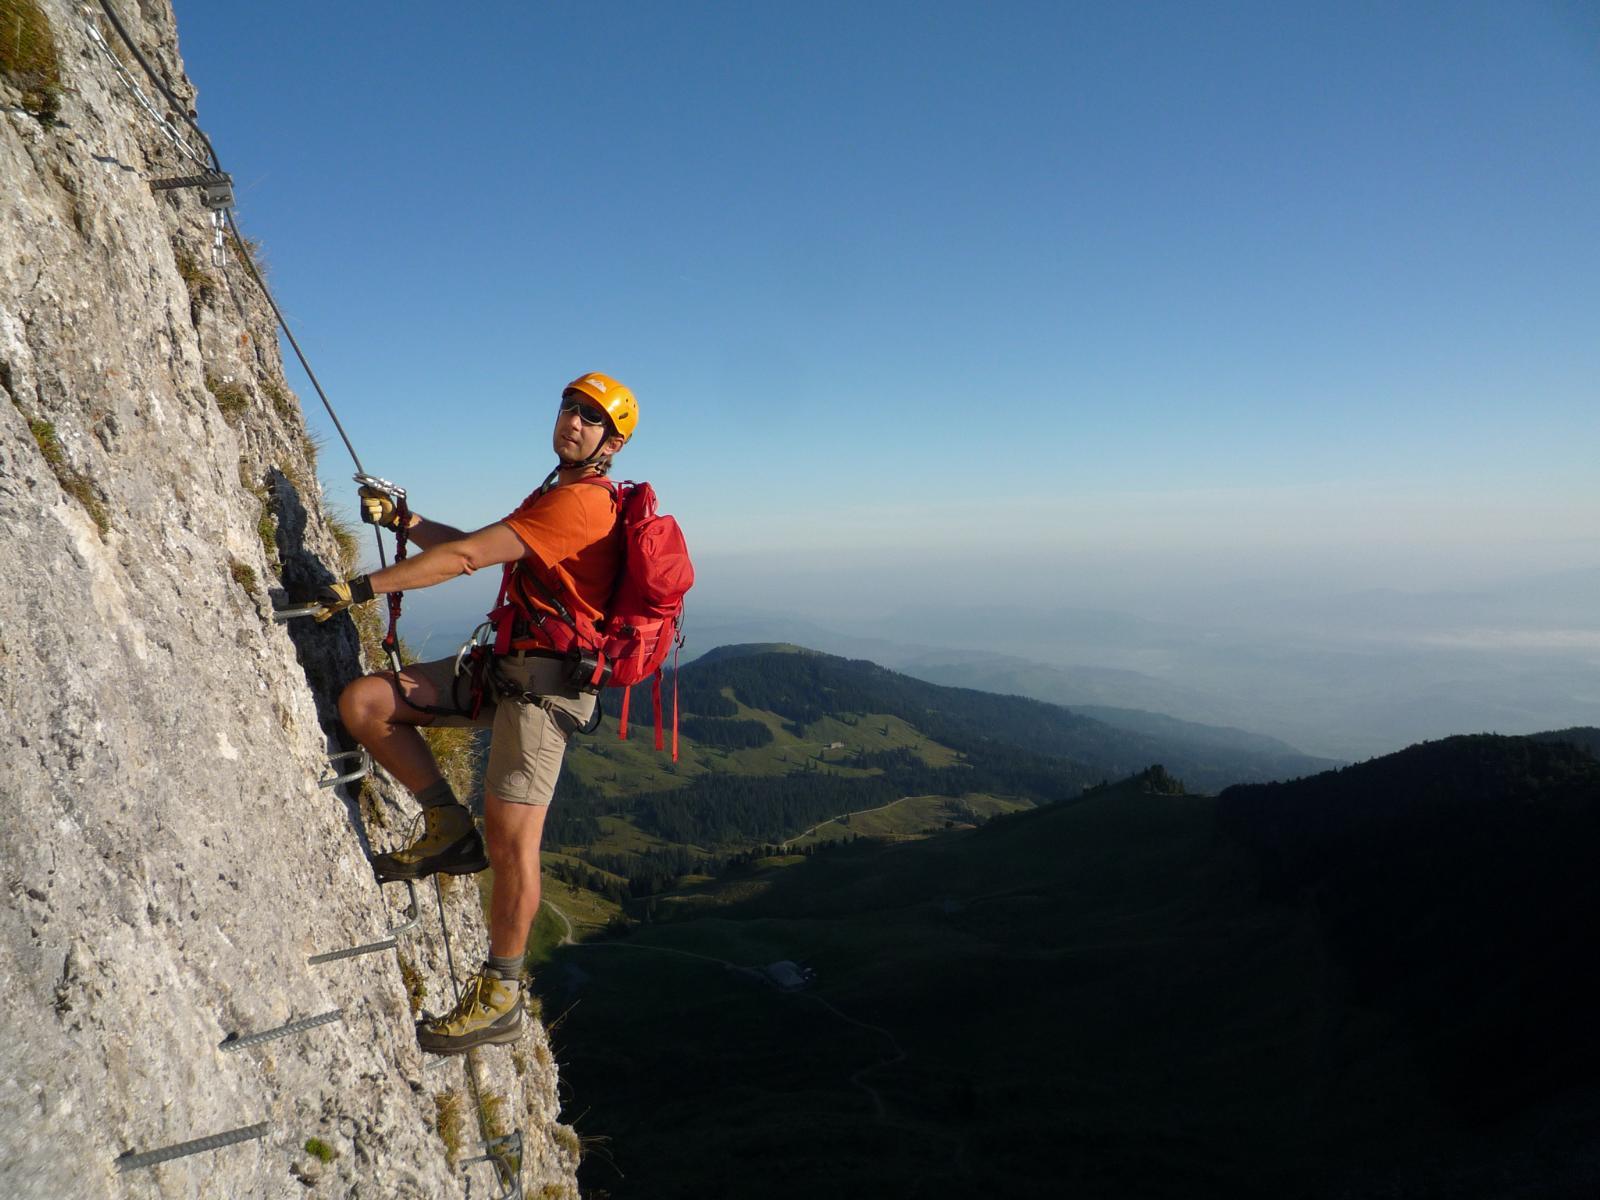 Klettersteig Bern : Gantrisch klettersteig bergsteigen